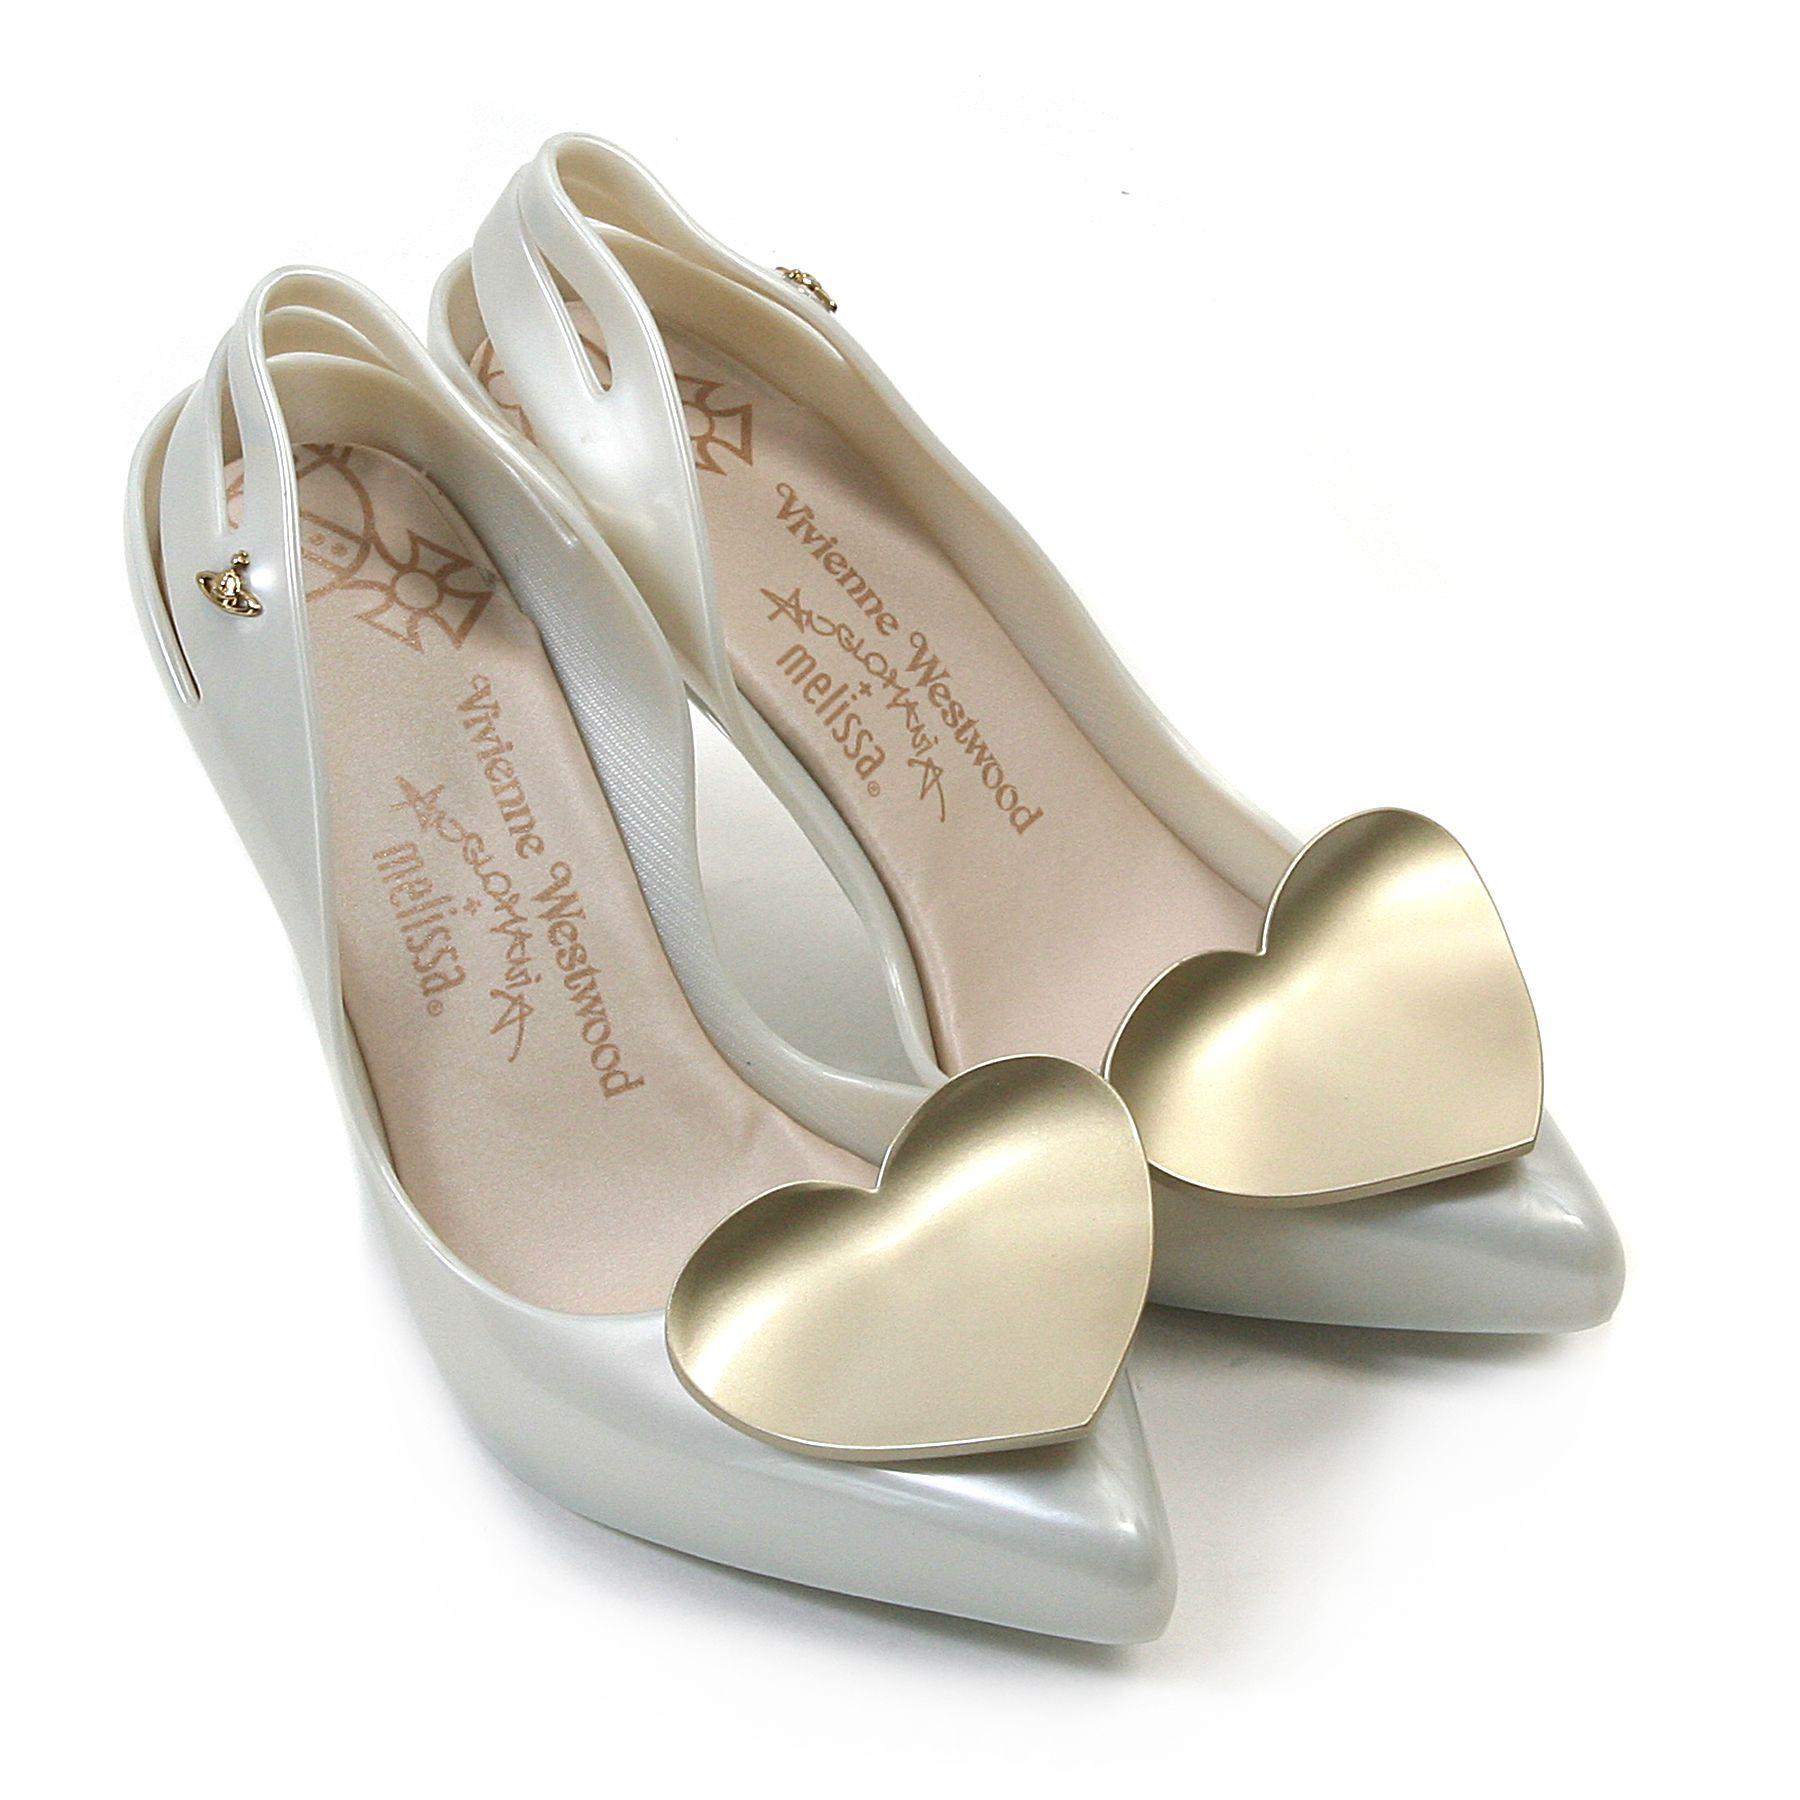 vivienne westwood lip shoes - Google Search